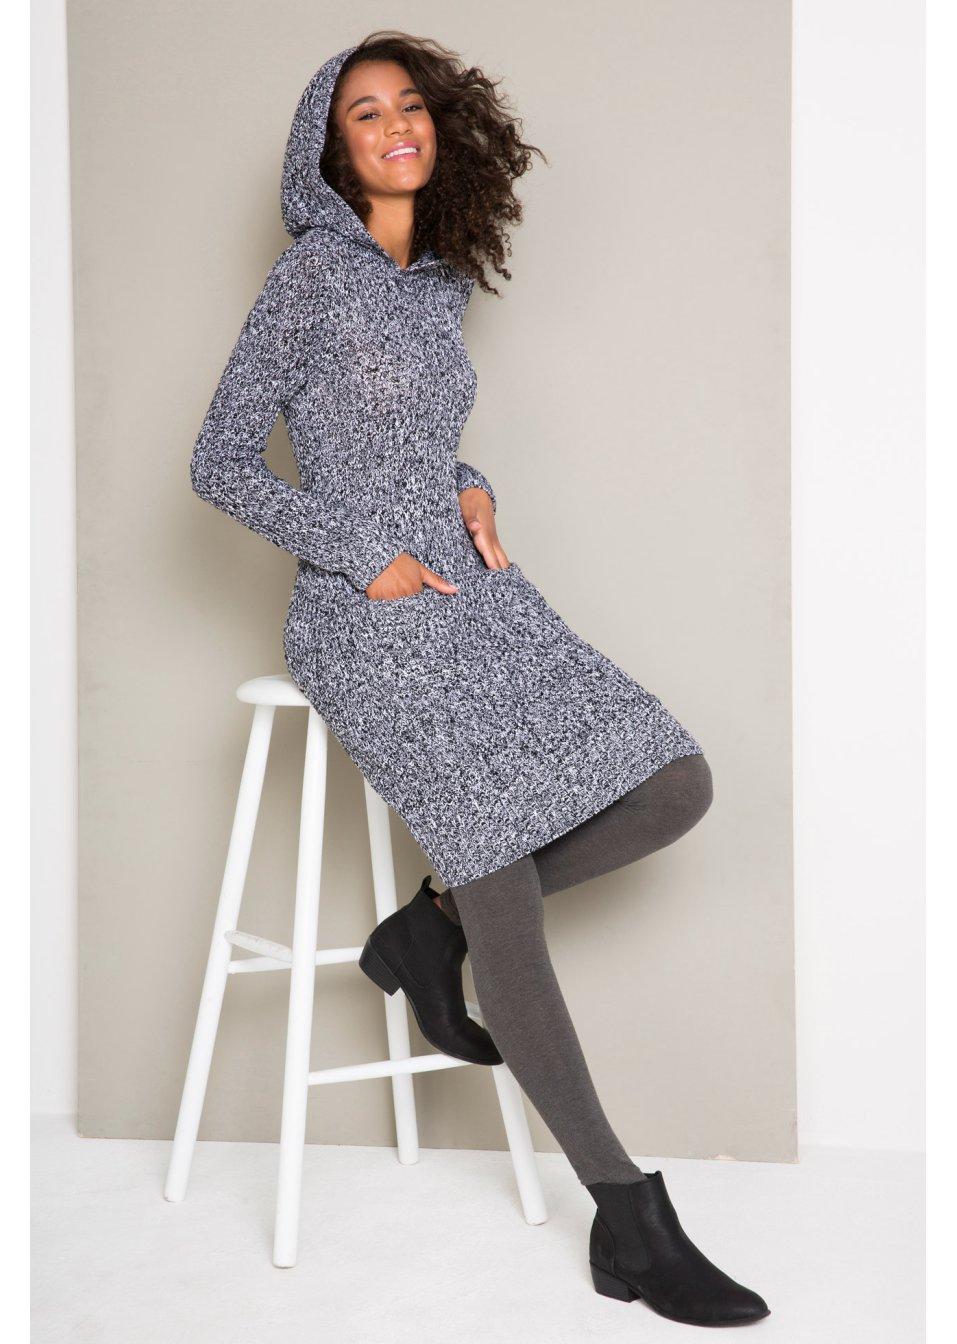 Abito in maglia con cappuccio Nero   bianco melange - bpc bonprix  collection acquista online - bonprix.it c79ce7d8418